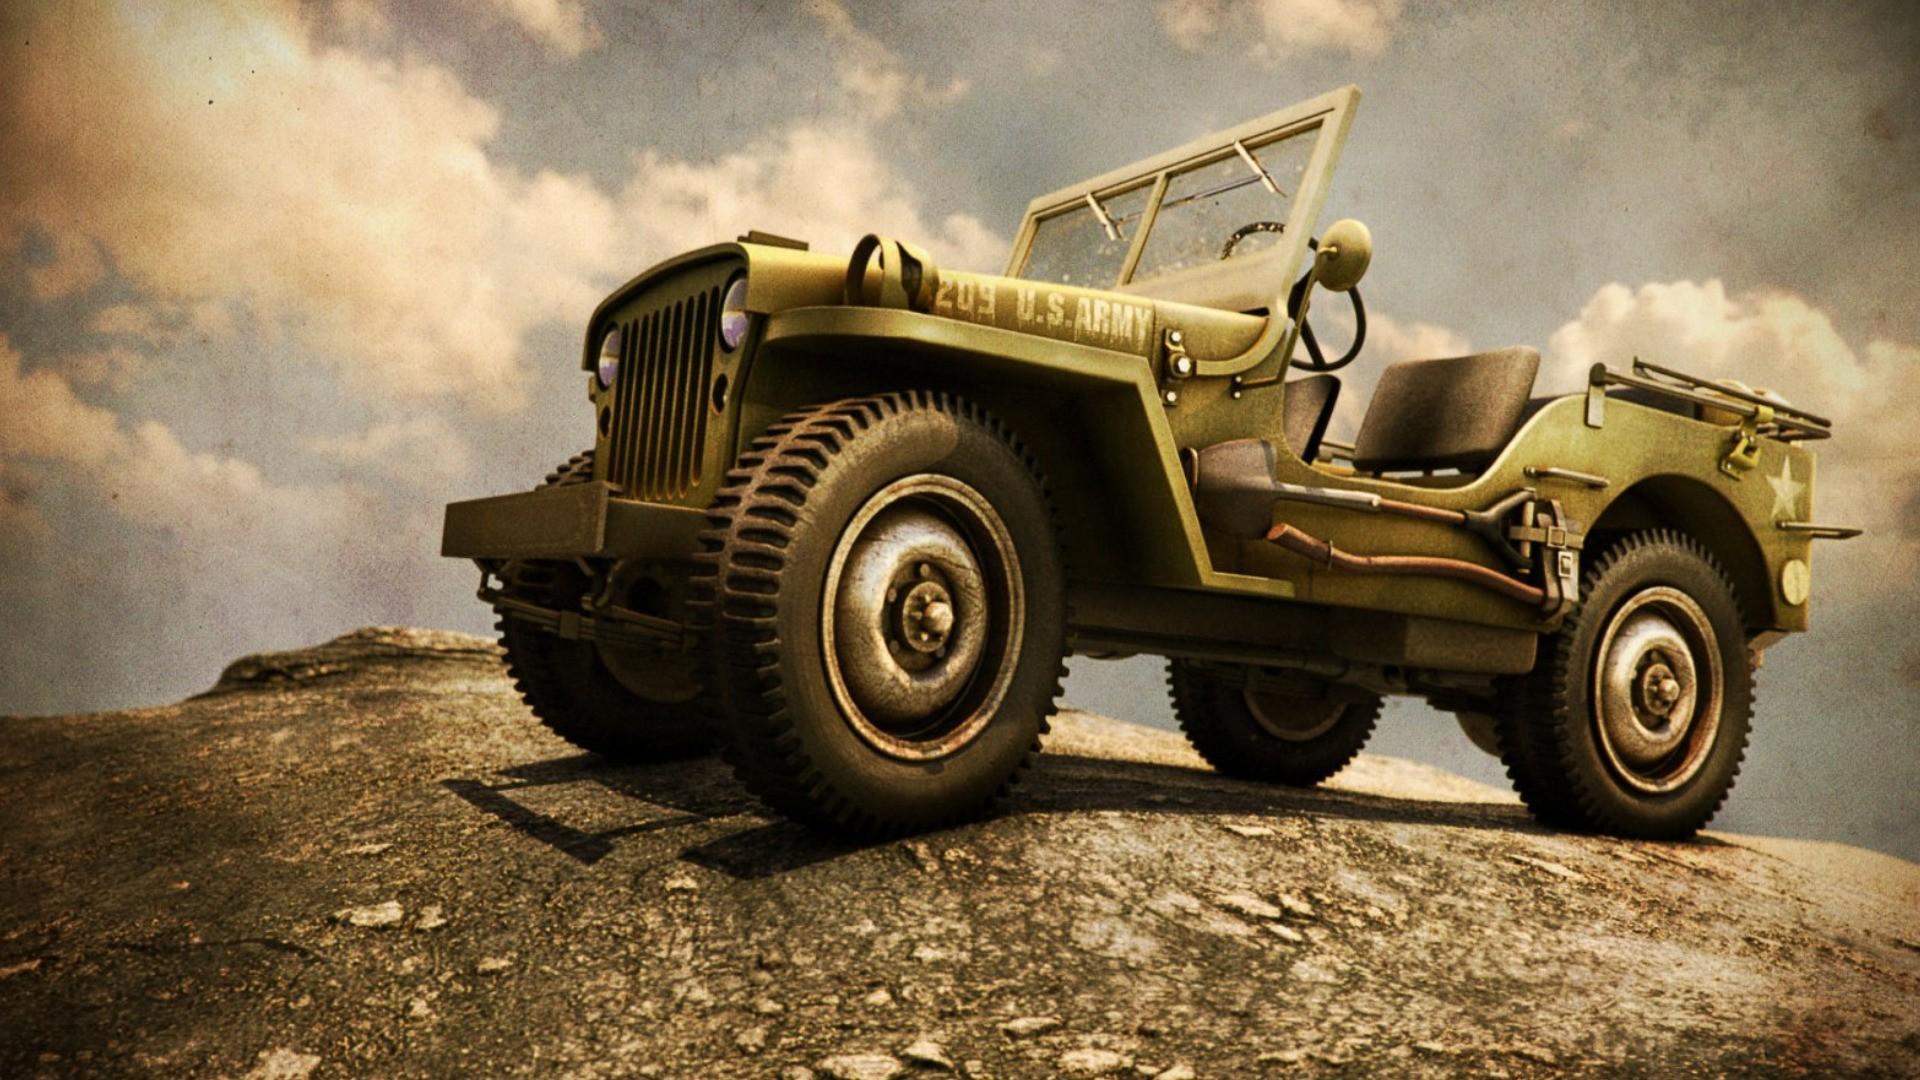 Giochi gratis di jeep